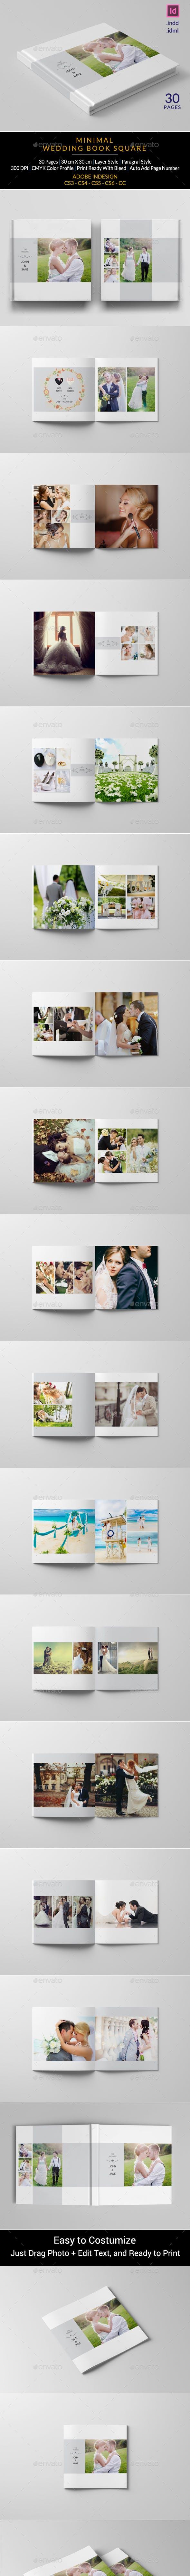 Minimalist Square Wedding Album